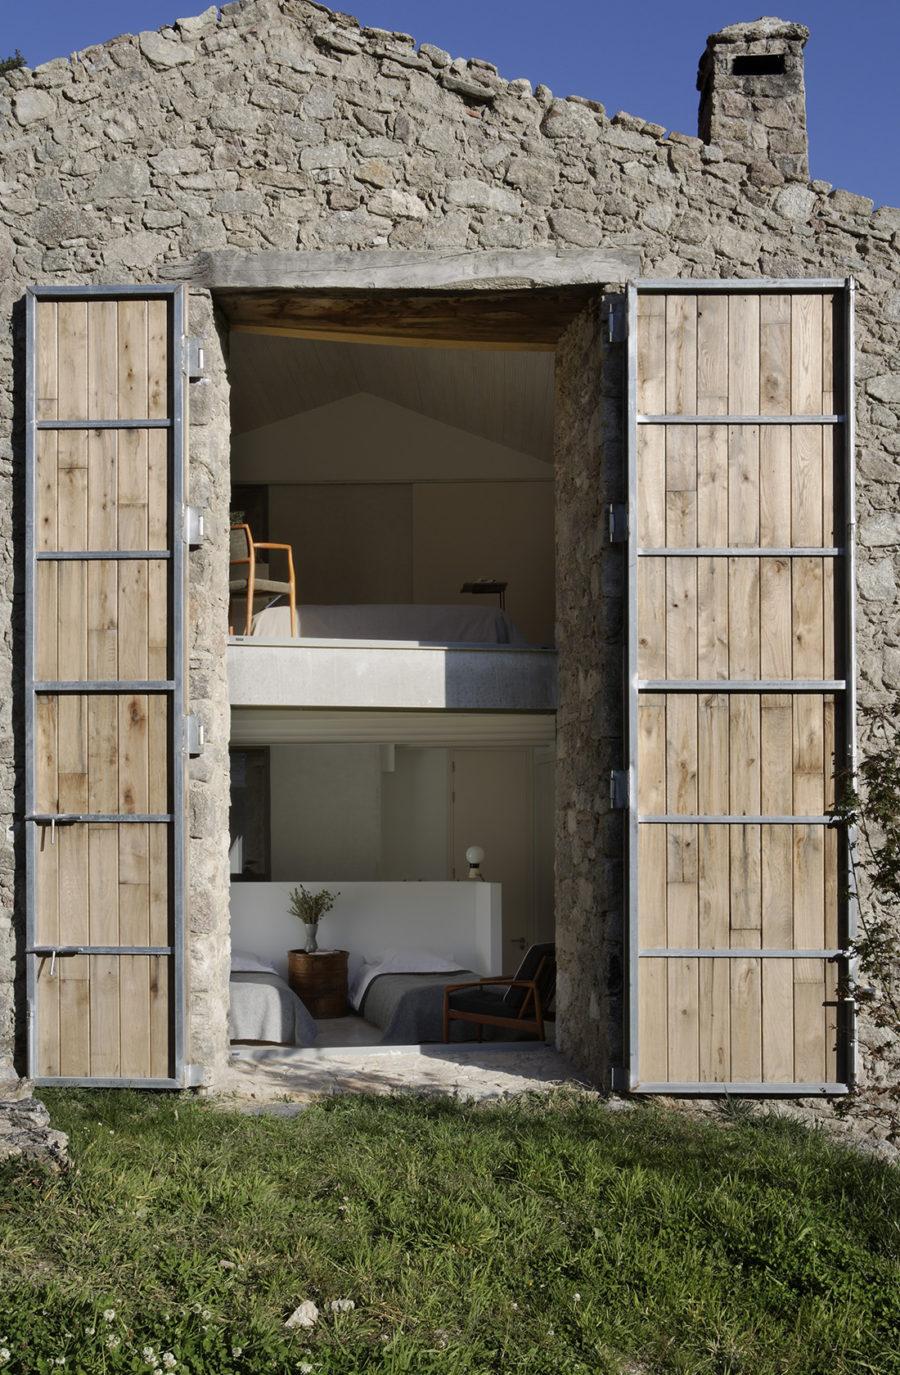 Grandes contraventanas de madera en la fachada reformada